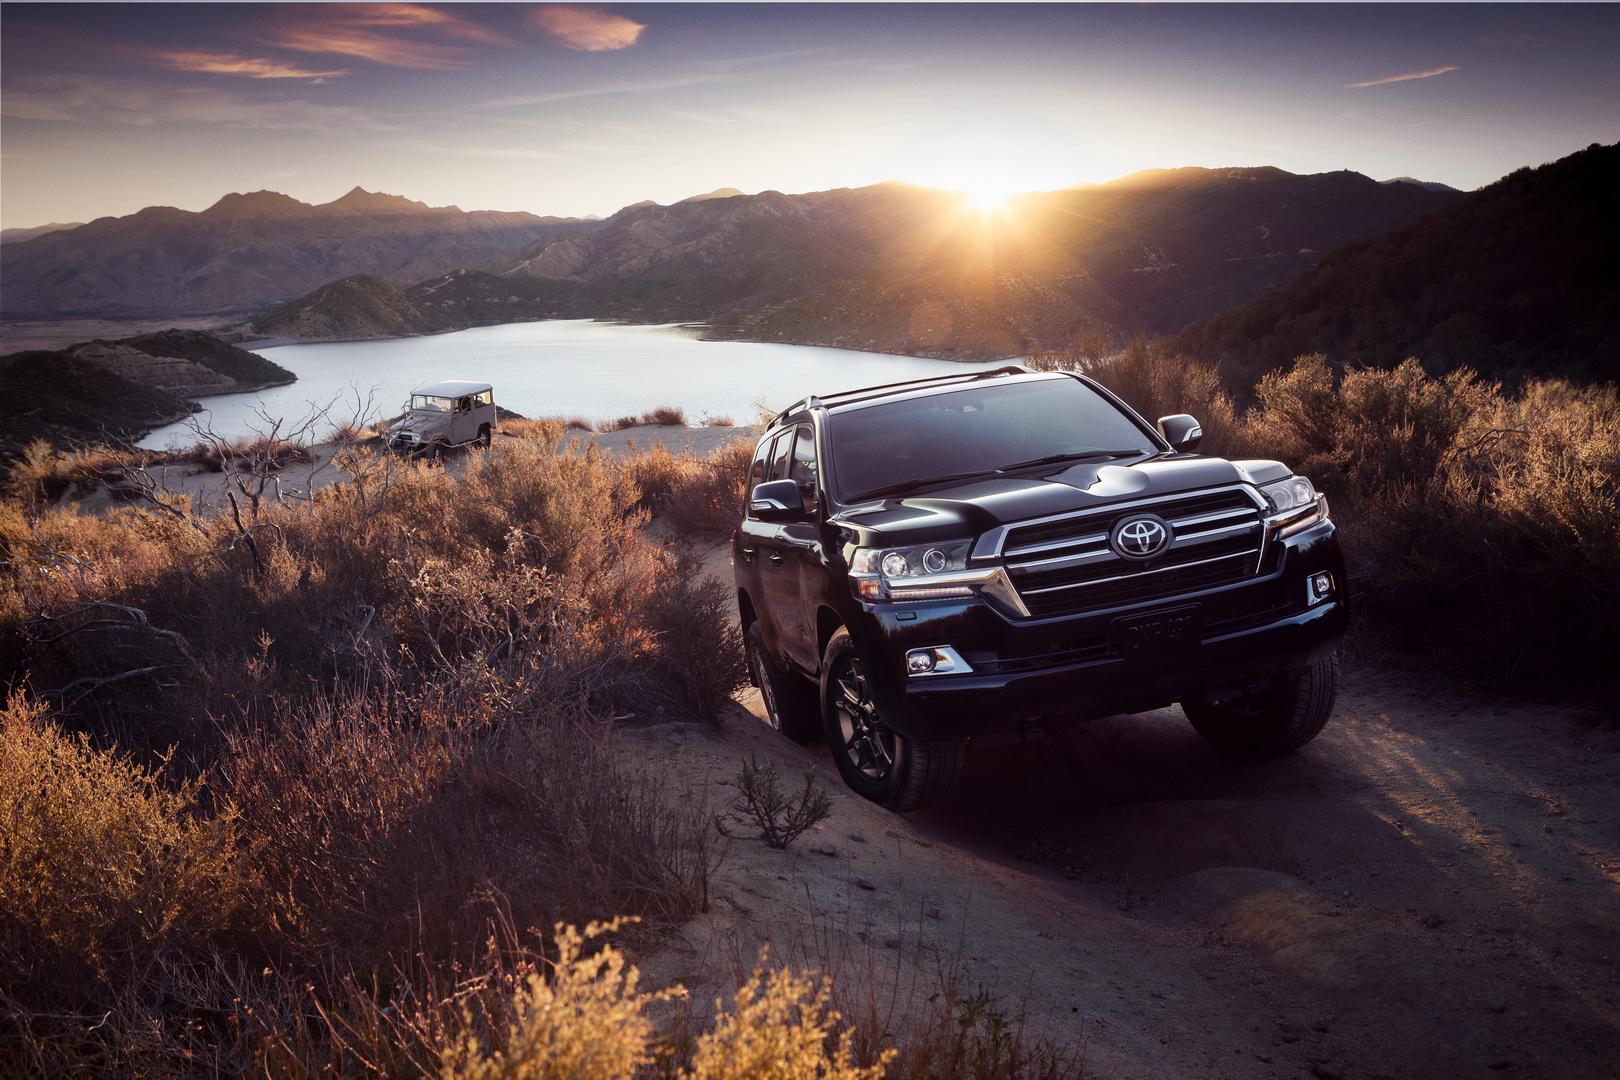 """Toyota Land Cruiser 2020 phiên bản """"di sản"""" kỷ niệm sự khởi đầu vào thị trường Mỹ - 5"""